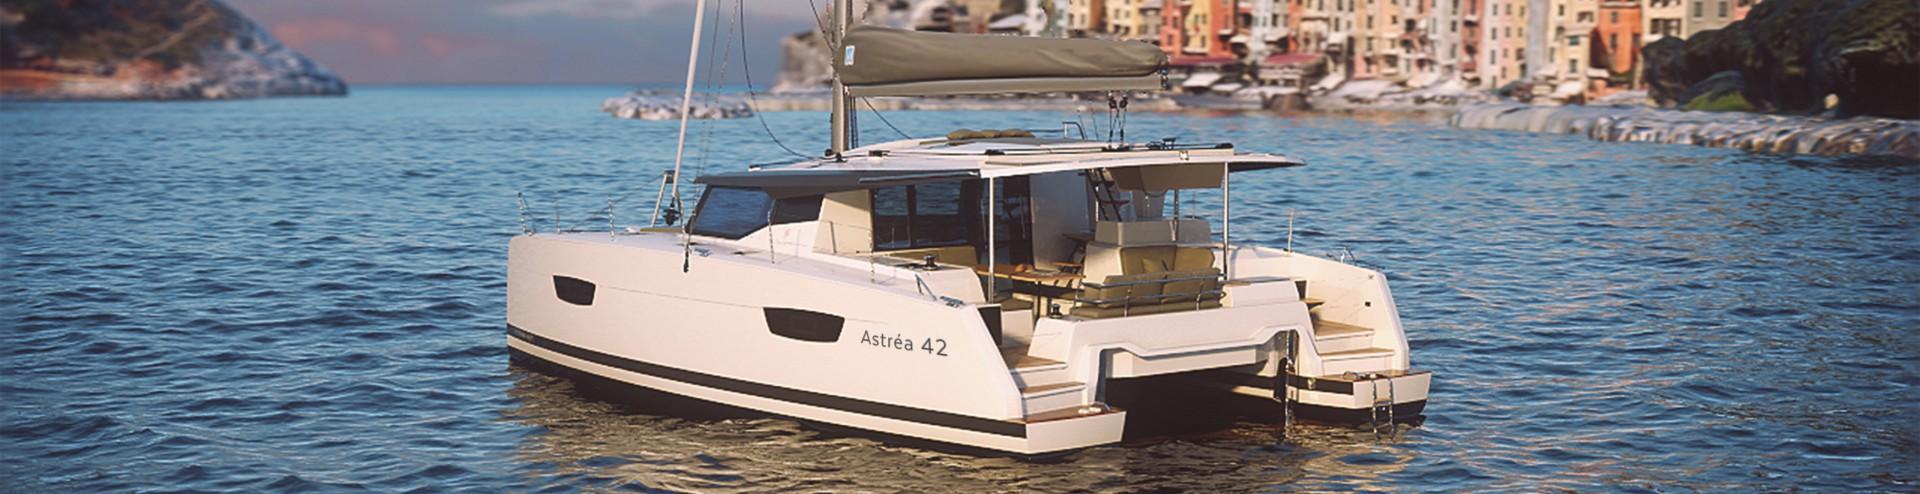 Astréa 42 (New 2018)